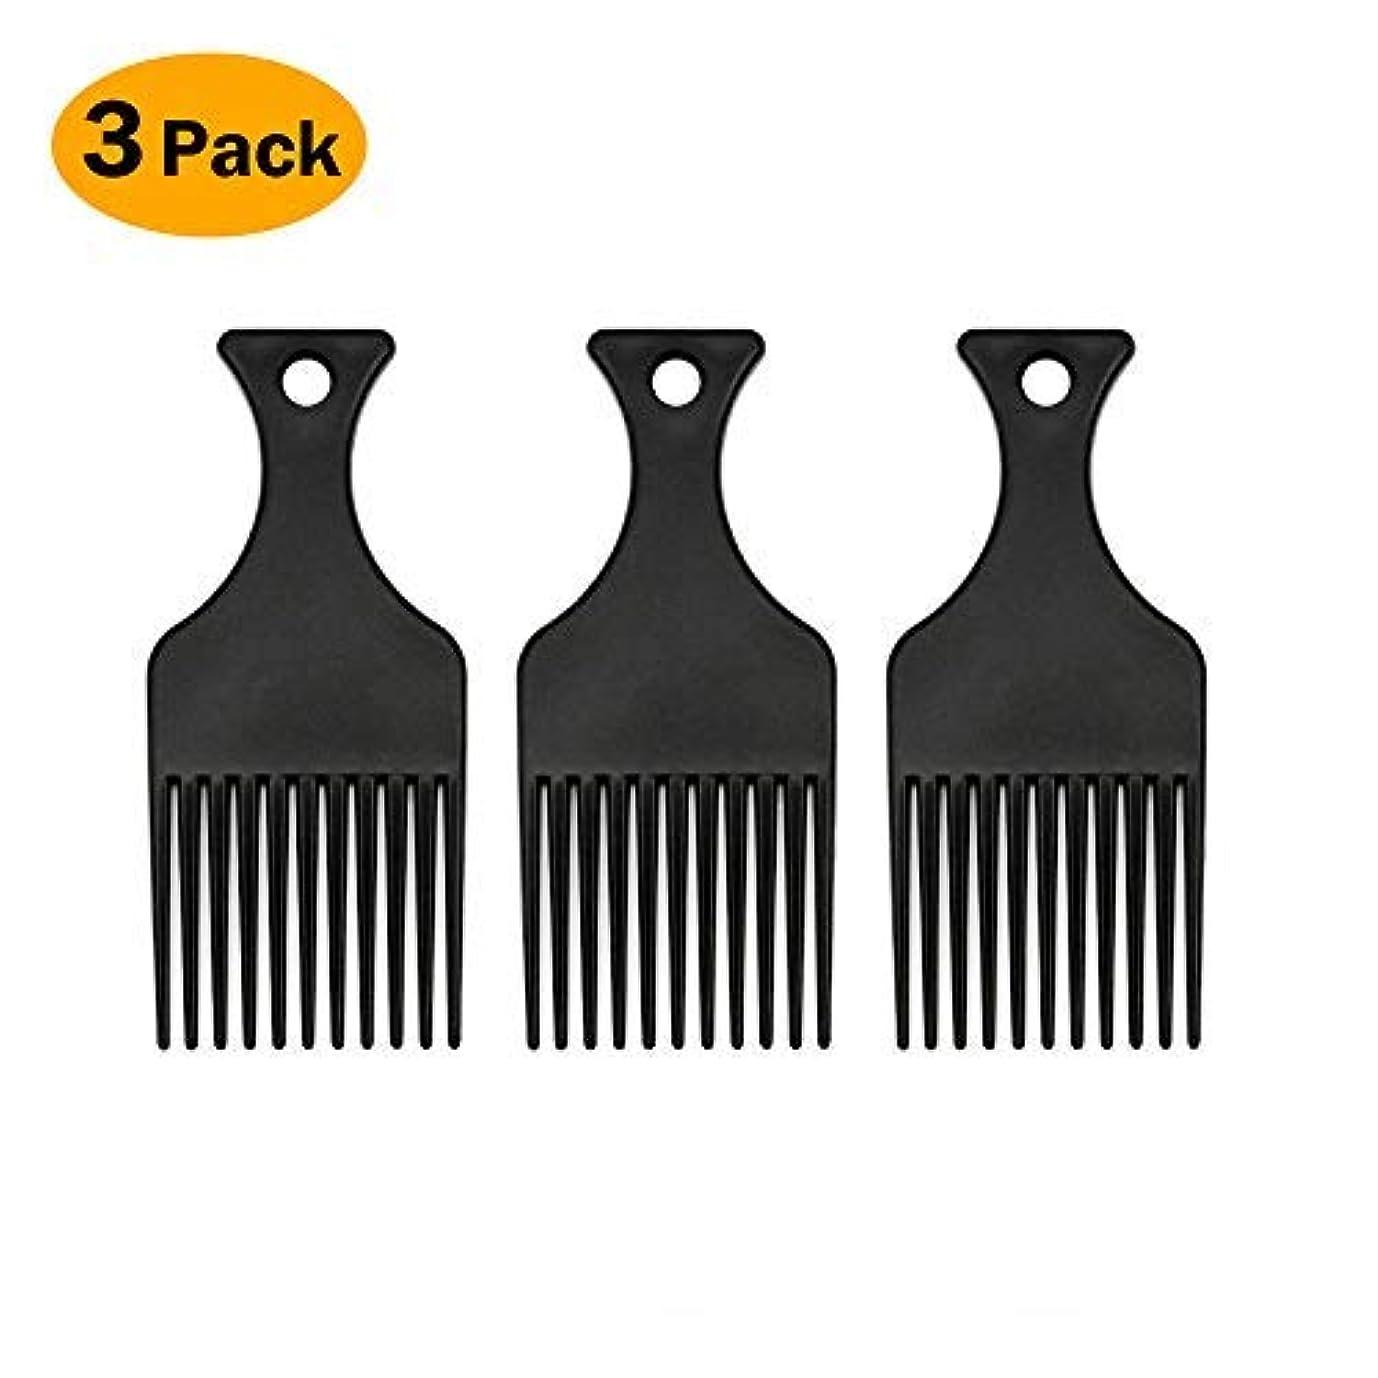 移行するピボット予測Bewave Plastic Afro Pik Lift Hair Comb Detangle Wig Braid Black Man Styling Tool (3Pcs) (Small) [並行輸入品]